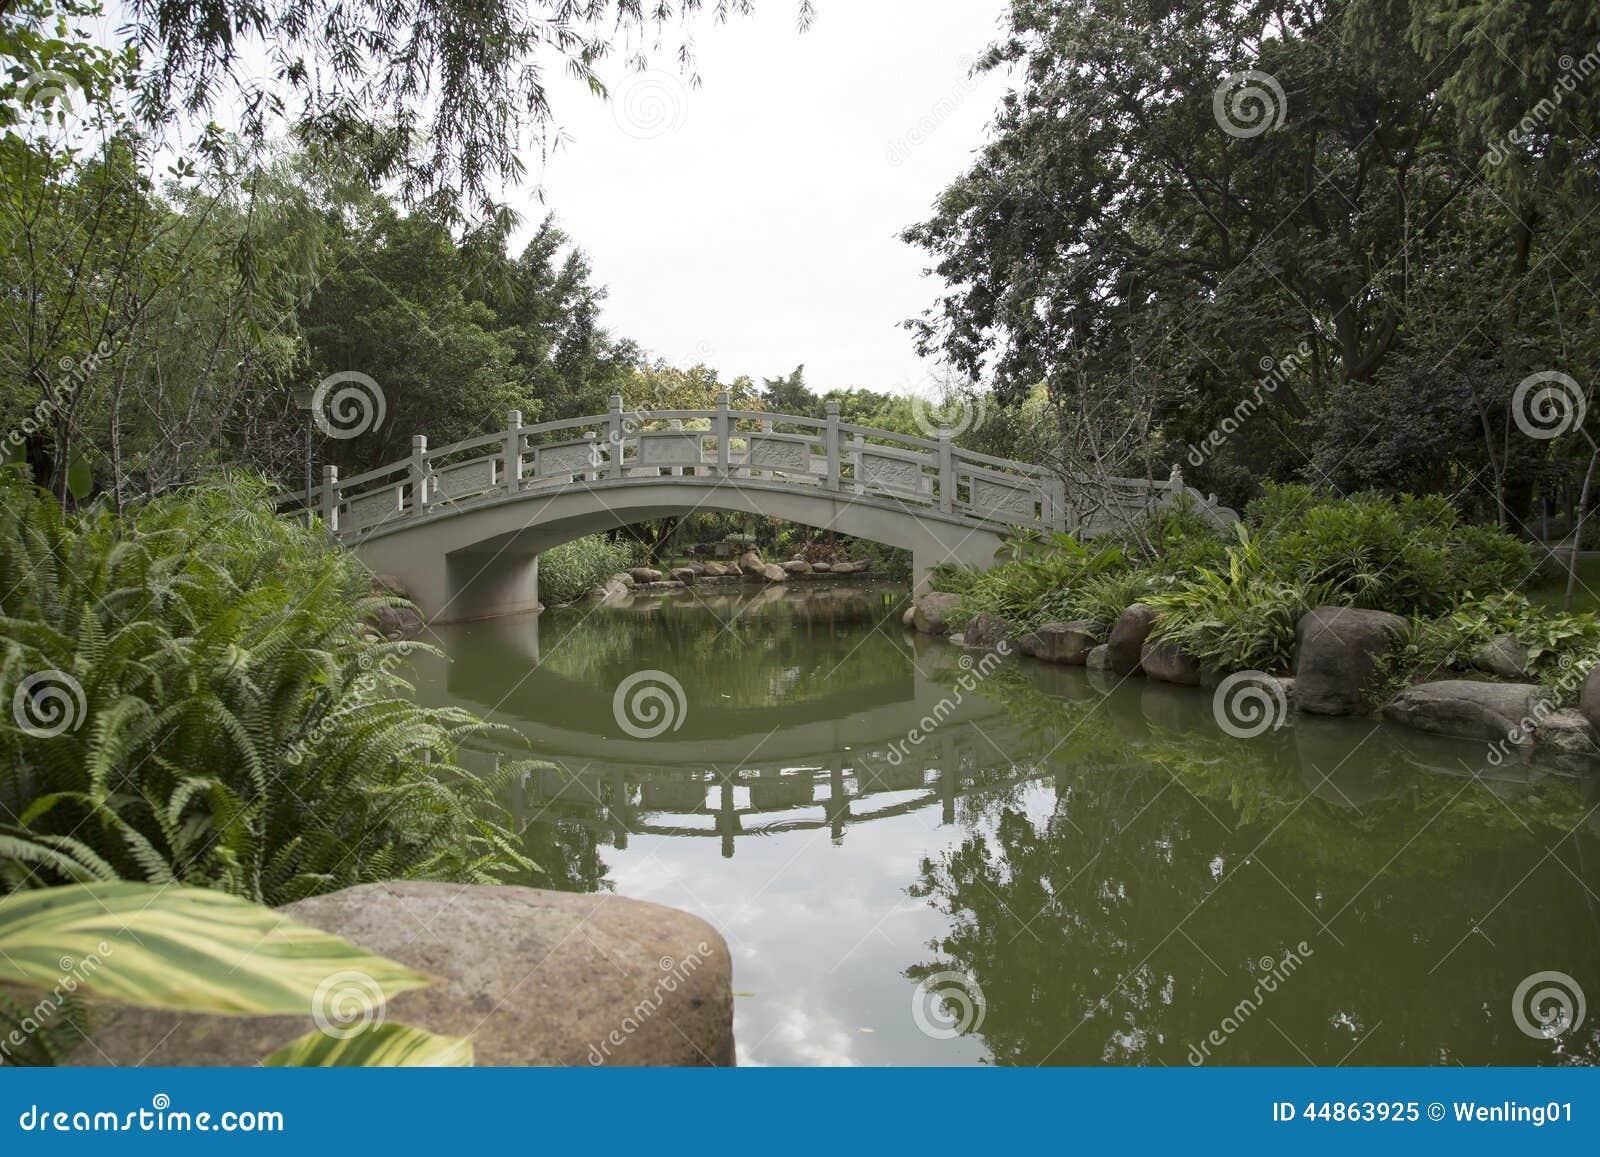 Diseño chino del jardín